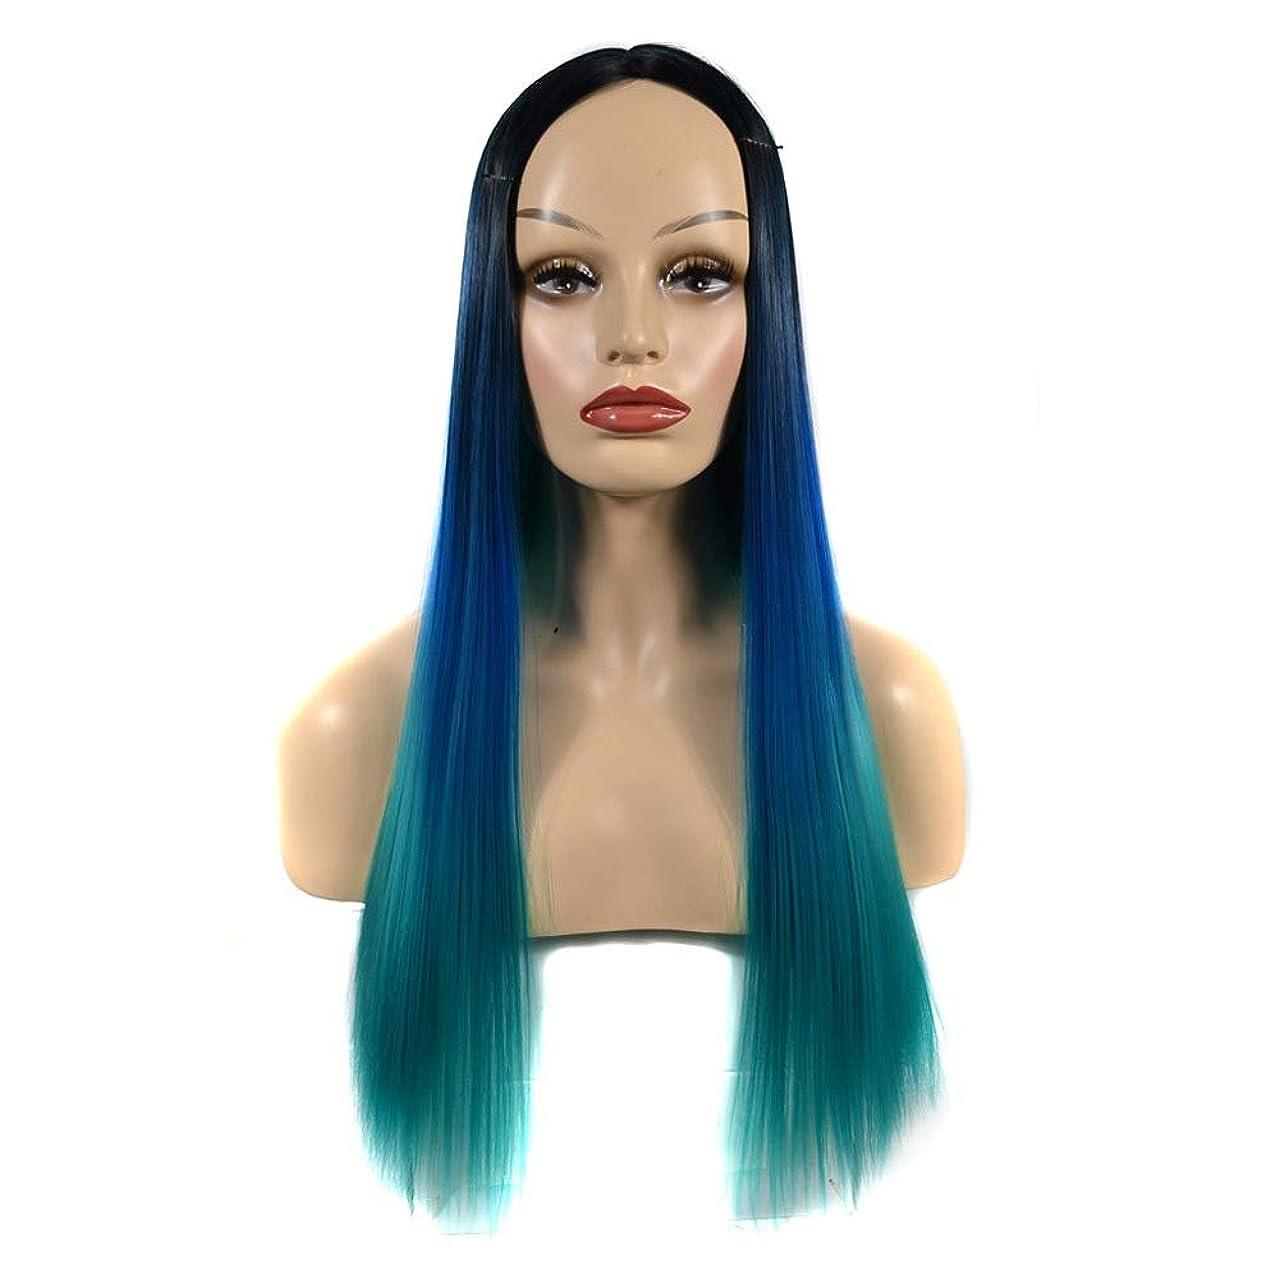 第五ブランク価値のないYrattary 女性のストレートフルウィッグロングピーコックグリーンヘアウィッグエレガントなレディパーティーデイリードレスパーティーウィッグ (Color : オレンジ, サイズ : 60cm)